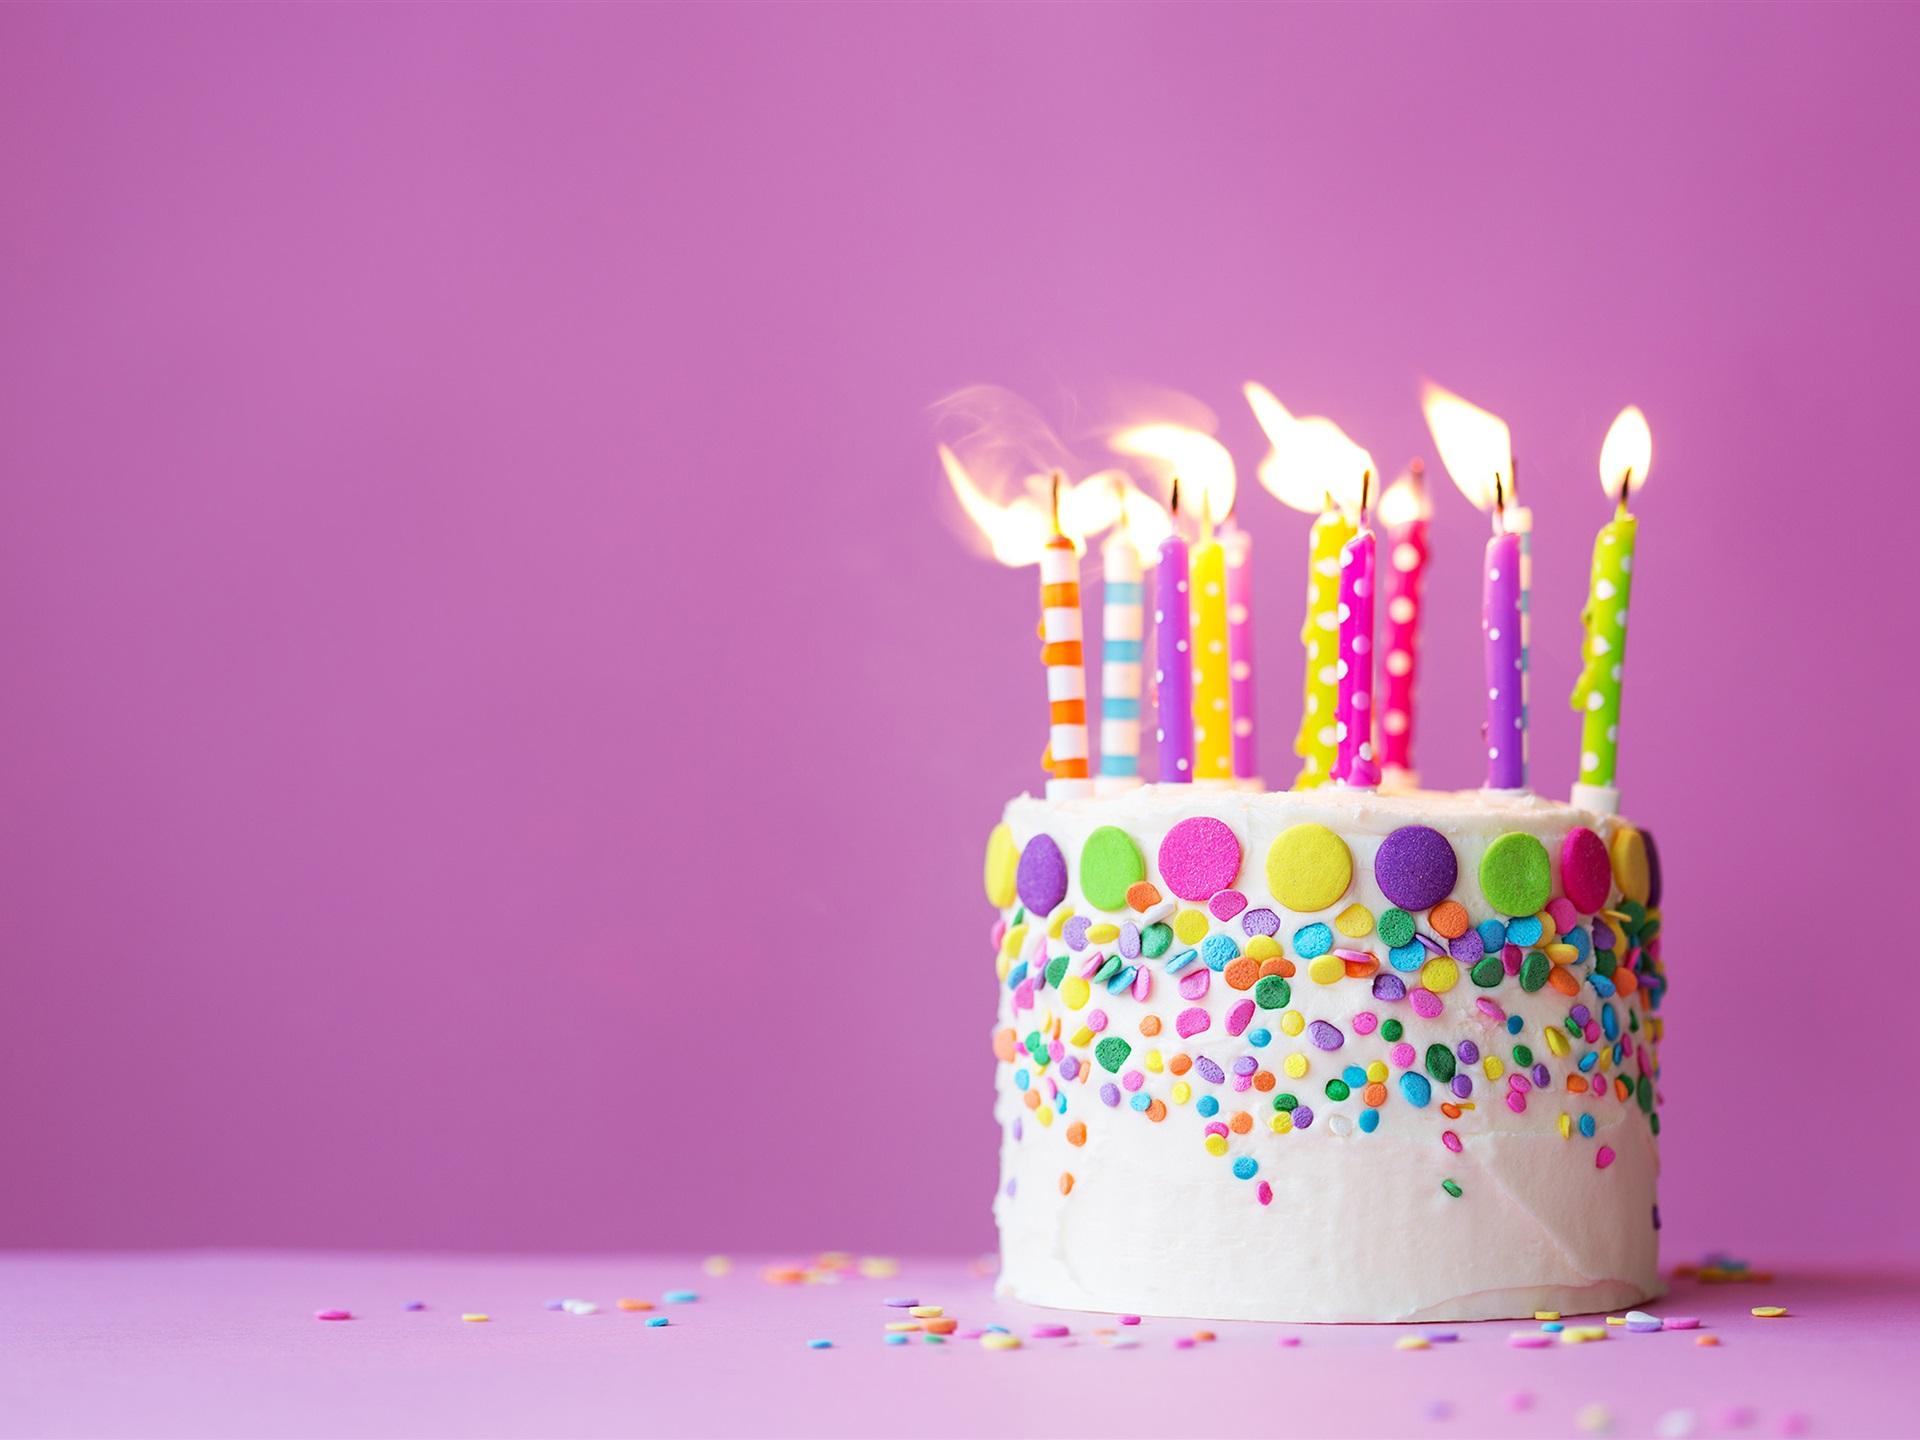 Тренеру, картинки мирослава с днем рождения